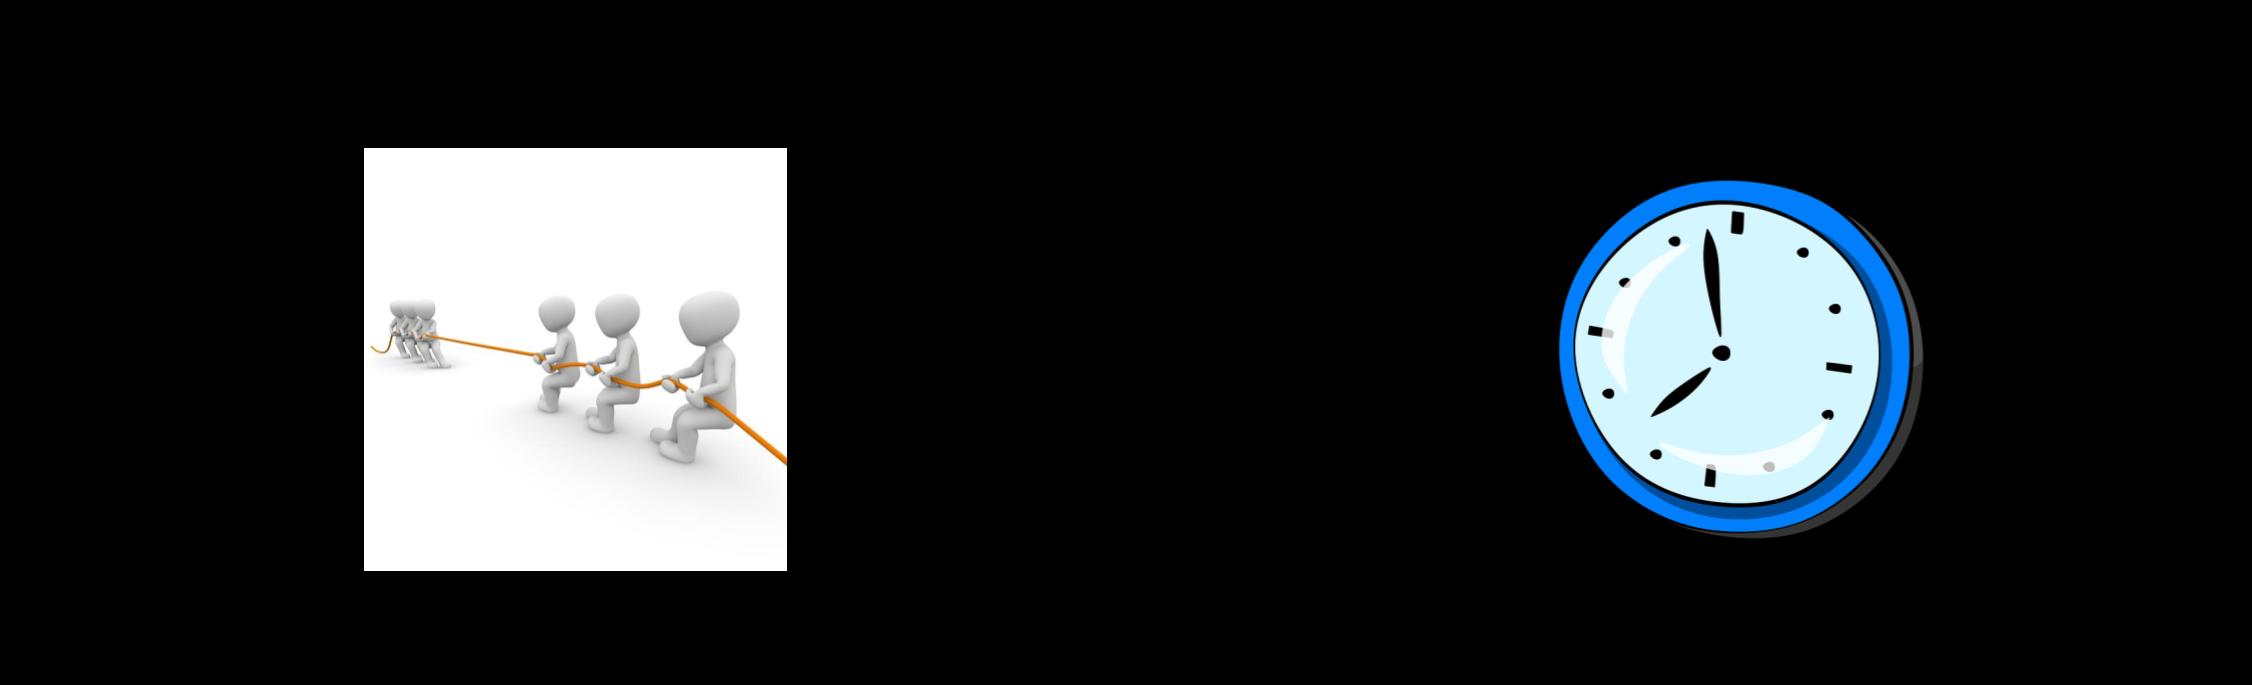 (än + dragkamp - gkamp) (klocka + n )